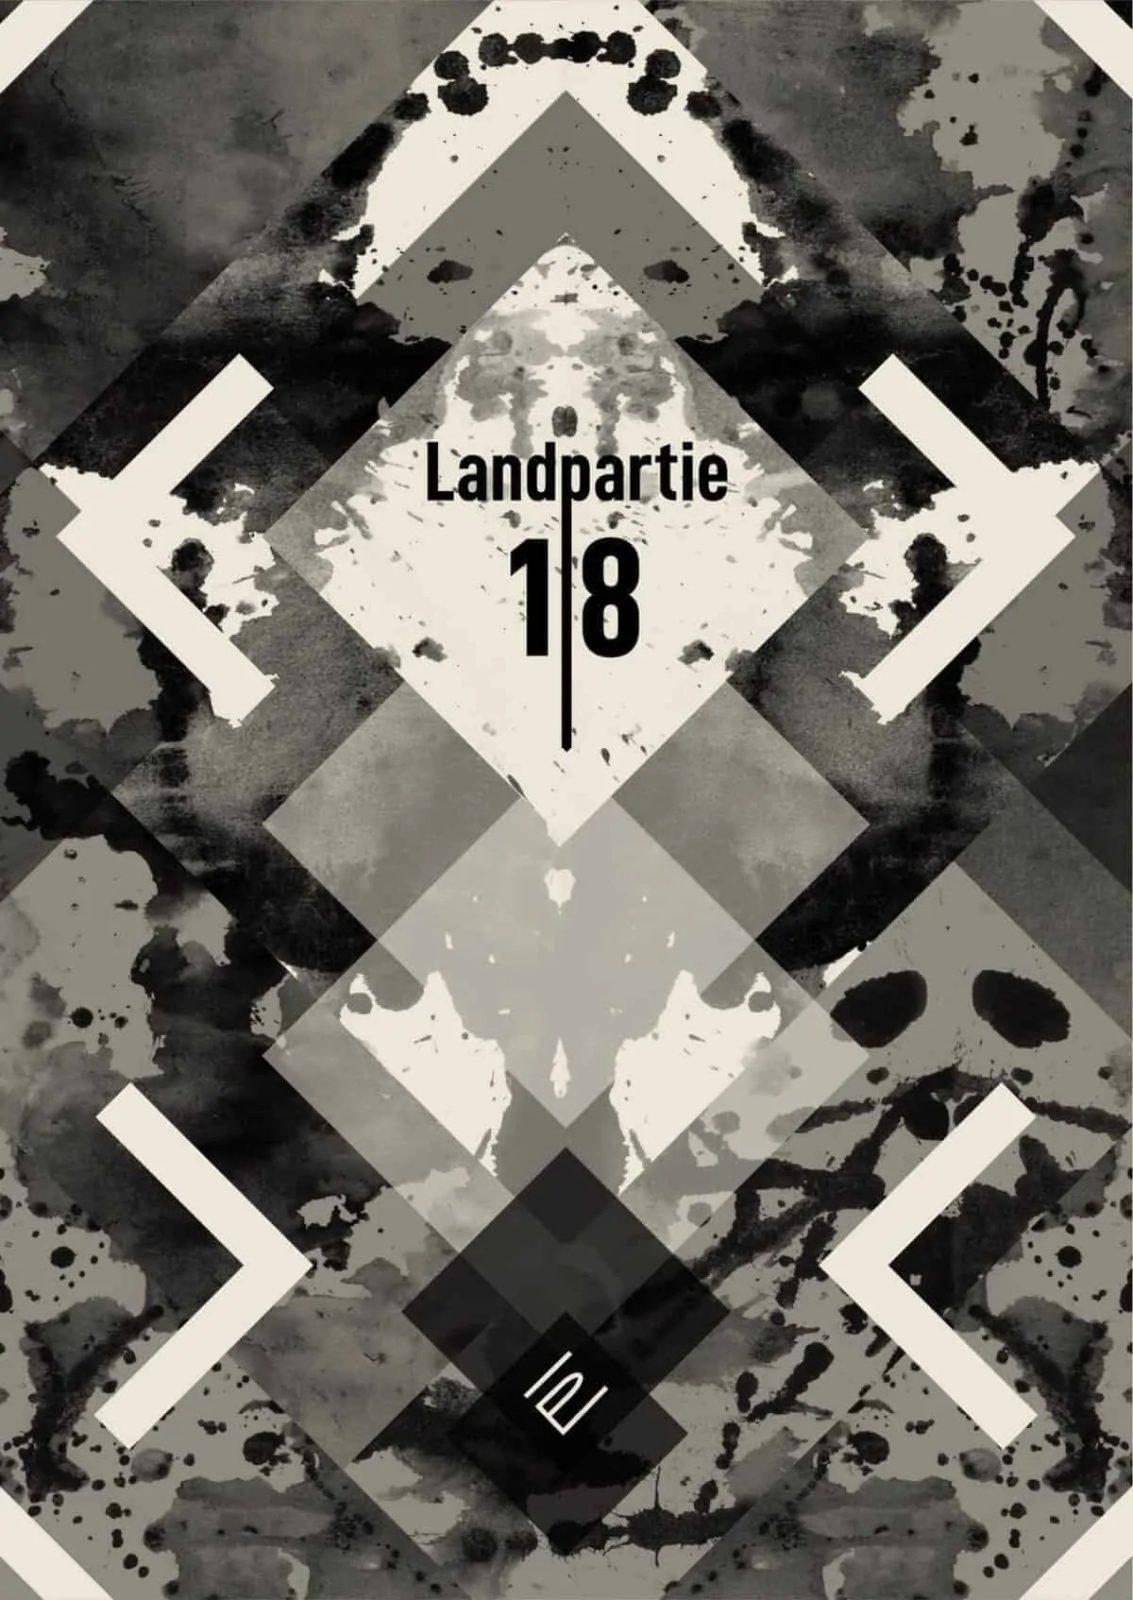 Landpartie 18